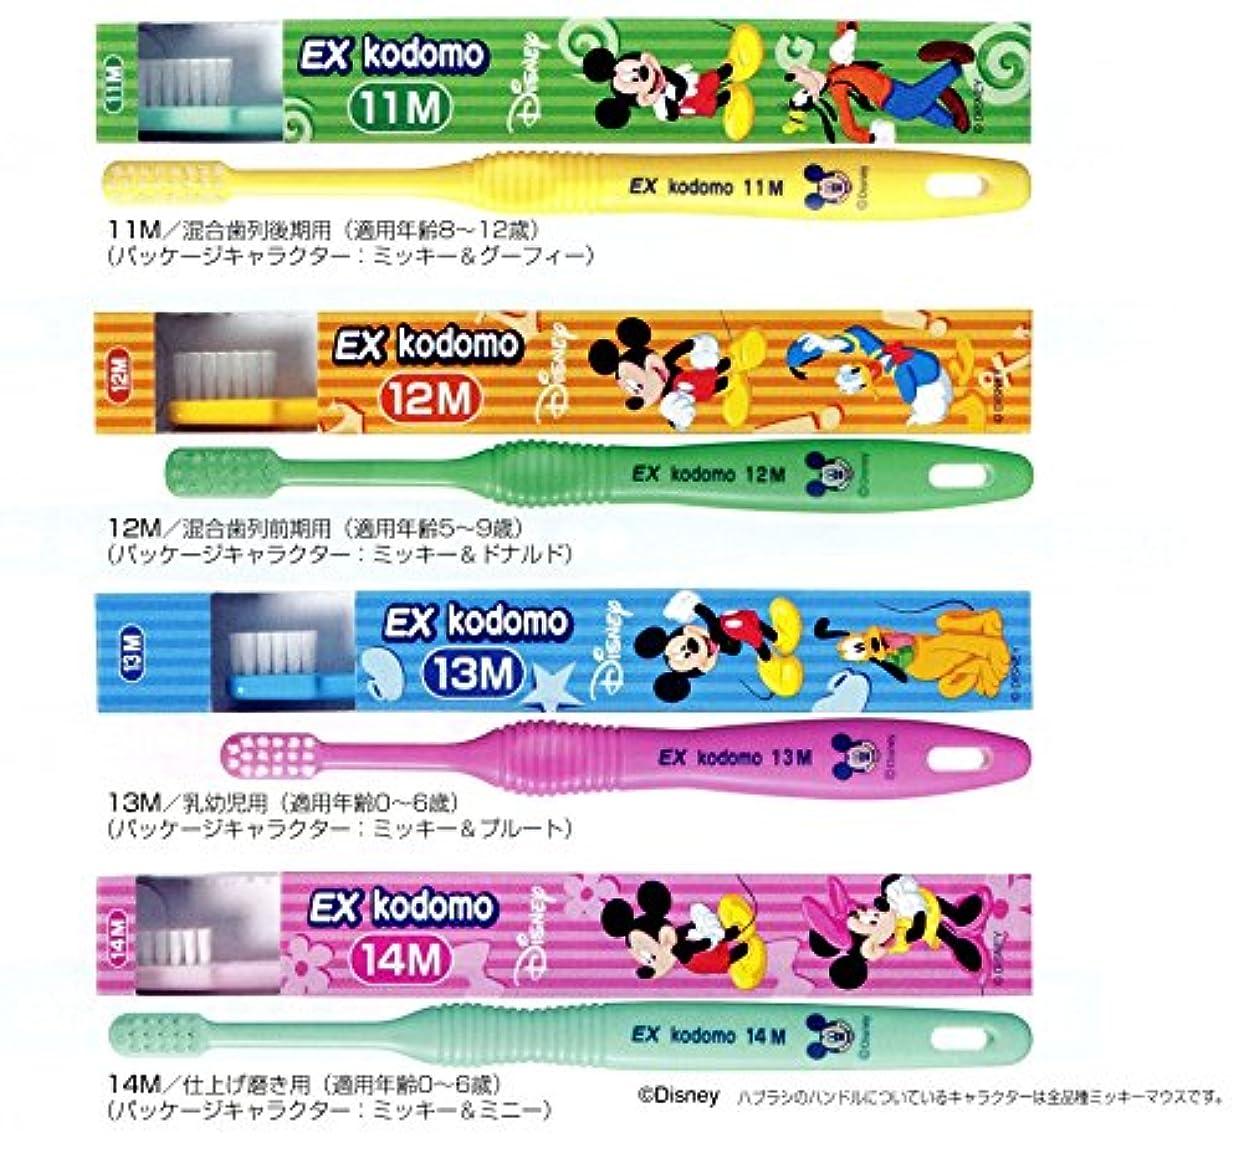 書士格納独立ライオン コドモ ディズニー DENT.EX kodomo Disney 1本 14M ブルー (仕上げ磨き用?0?6歳)